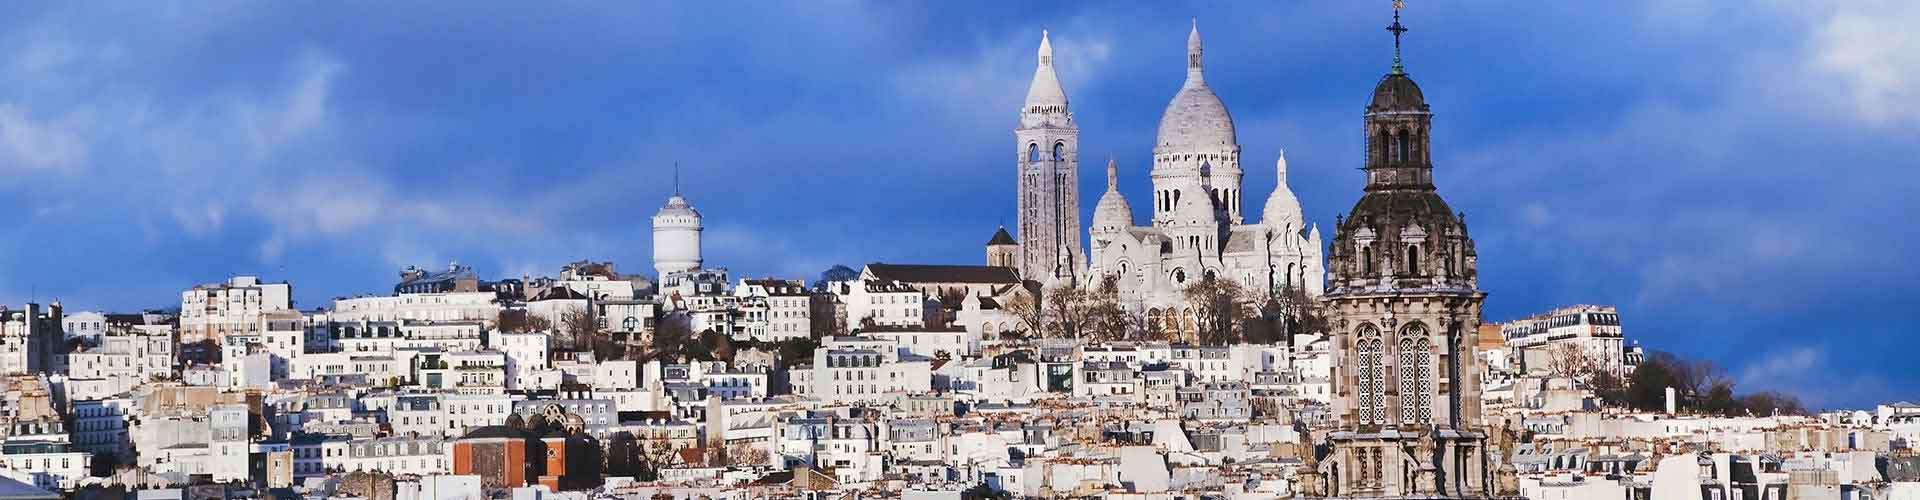 Pariisi – Retkeily kaupungiosassa Montmartre. Pariisi -karttoja, valokuvia ja arvosteluja kaikista Pariisi -retkeilyalueista.